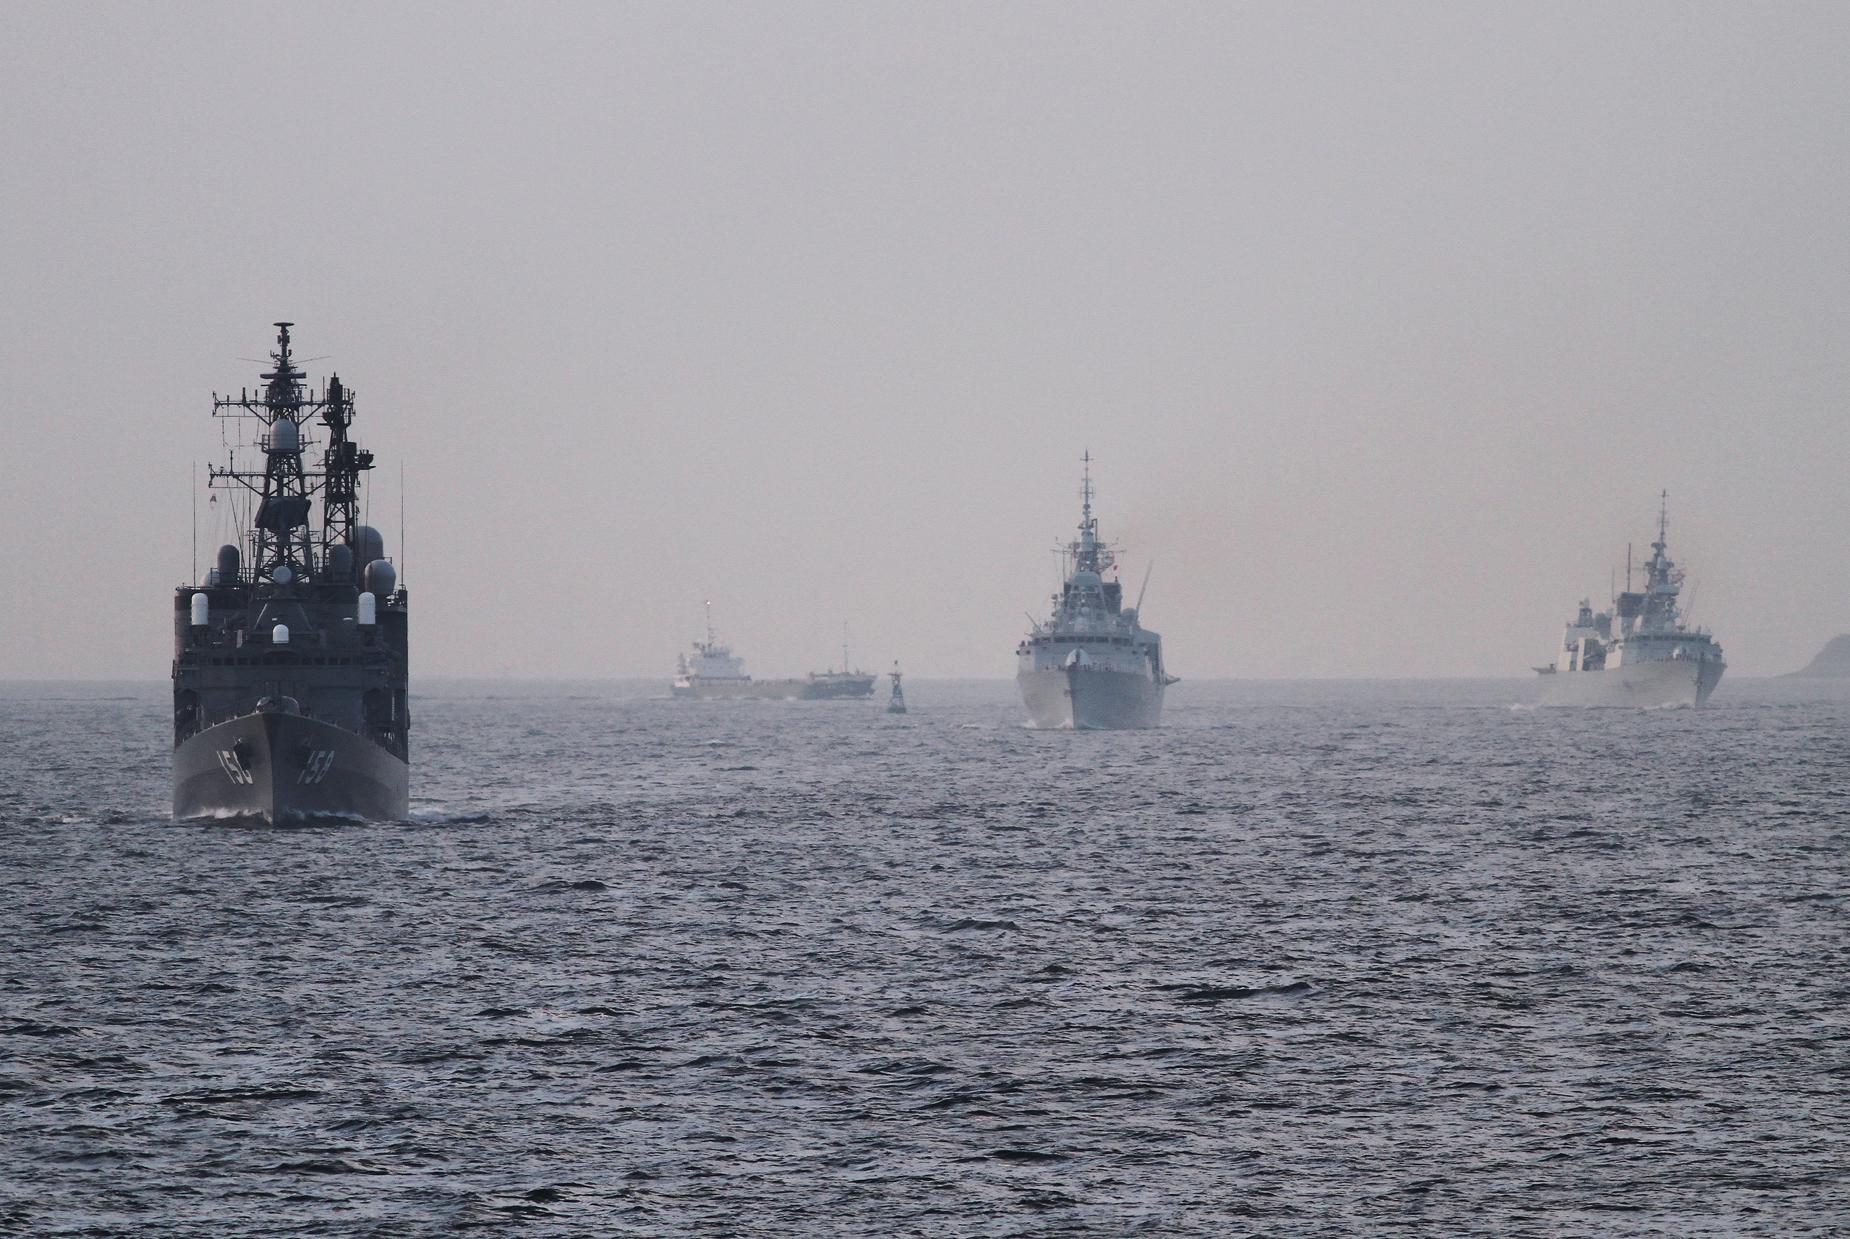 2017年7月15日 浦賀水道航路を南航する護衛艦うみぎりJS Umigiri DD158と